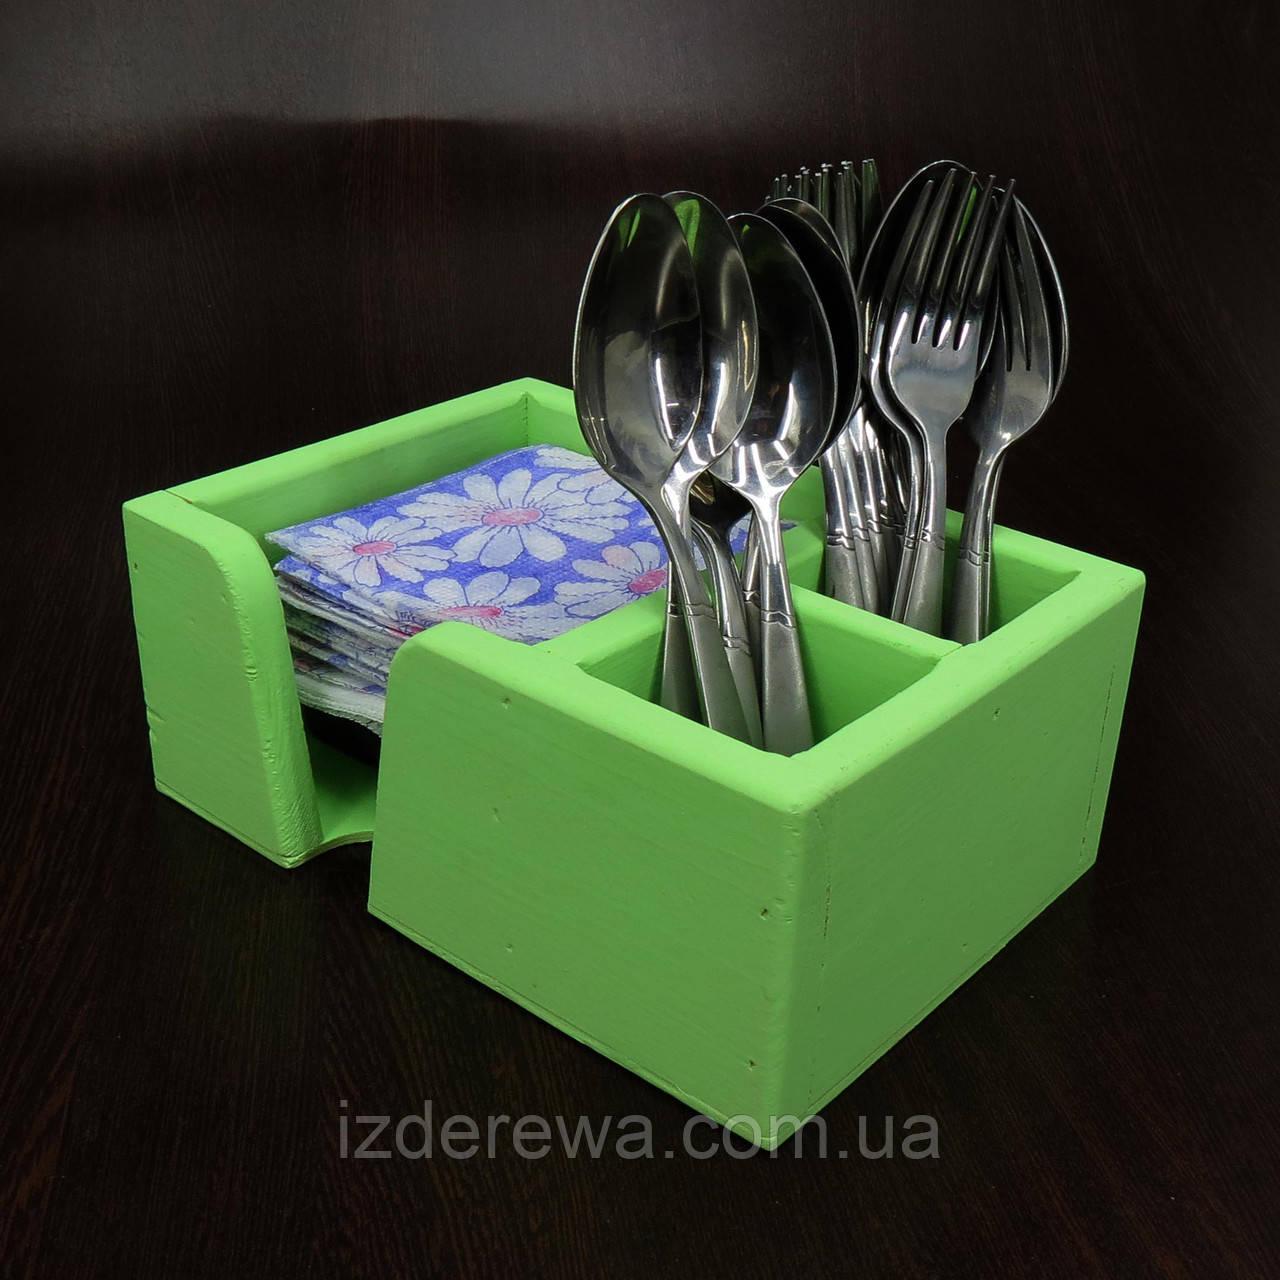 """Підставка для столових приладів """"апетити"""" мохіто"""